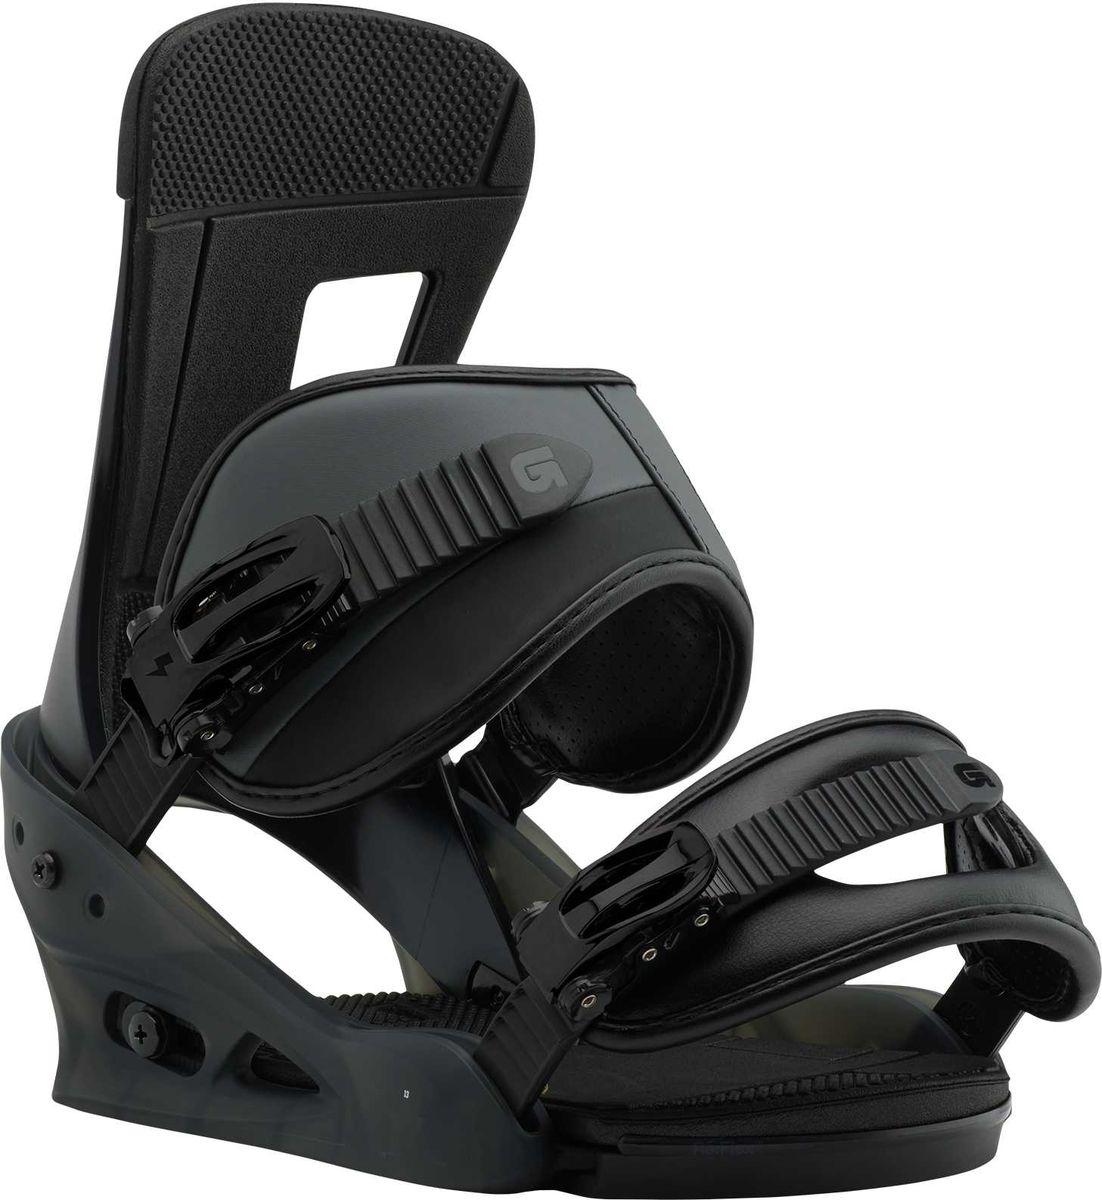 Крепление для сноуборда Burton Freestyle Black Matte, цвет: черный. Размер L burton крепления для сноуборда burton genesis est l